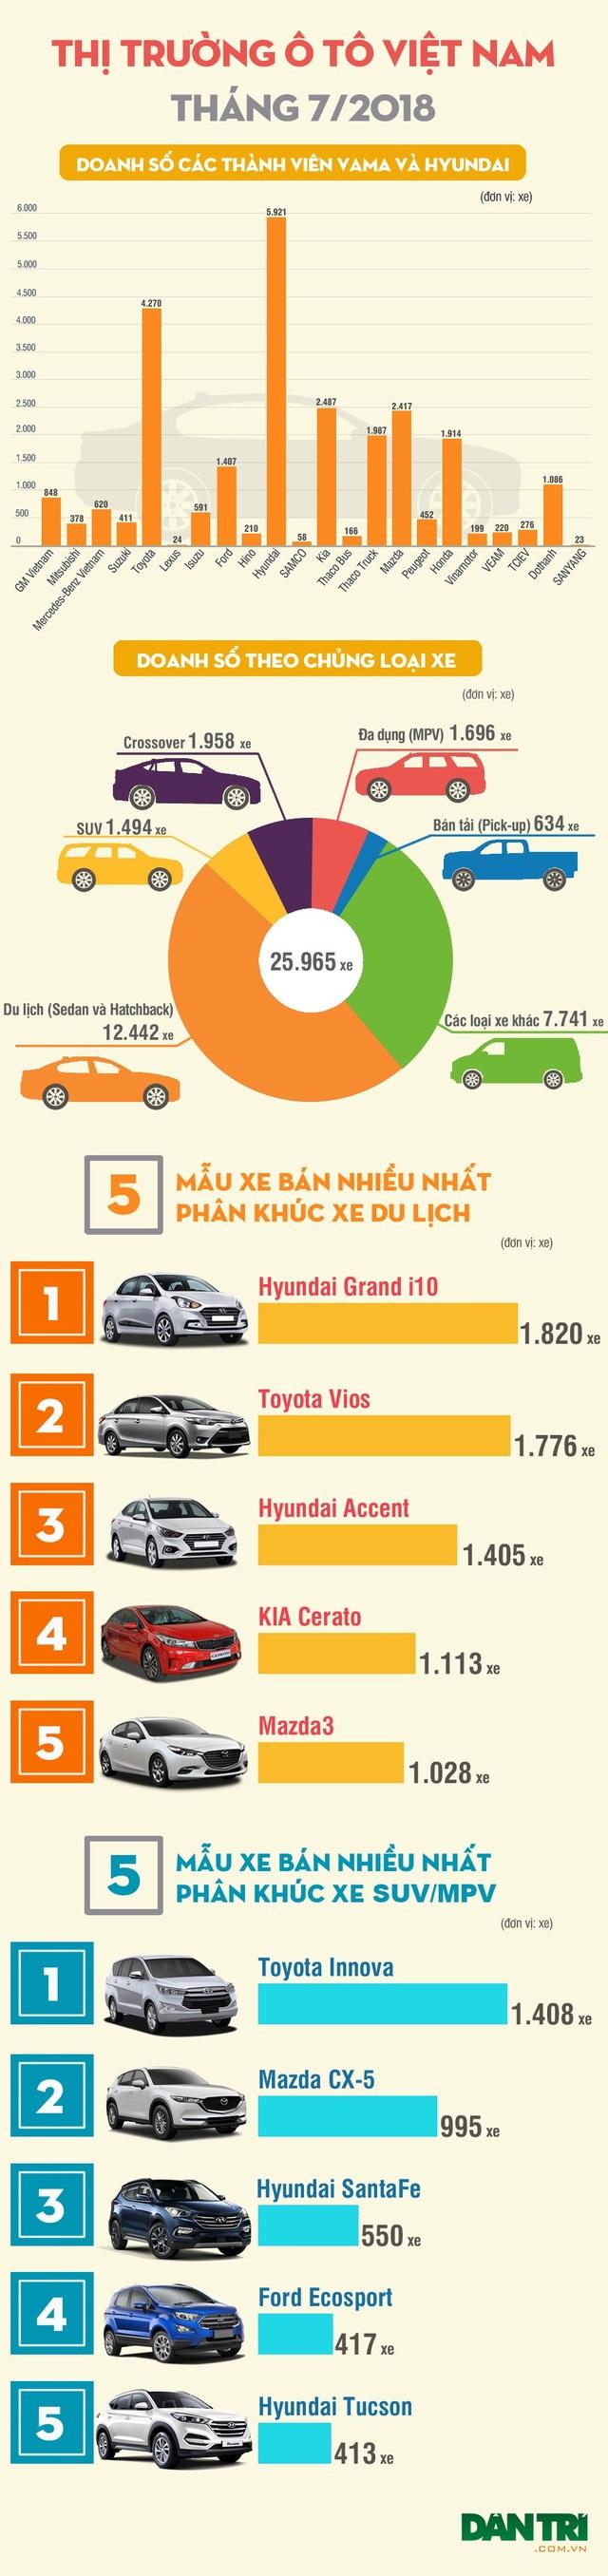 Toyota và Hyundai - Cuộc chiến xe Nhật - xe Hàn chính thức bắt đầu - 1